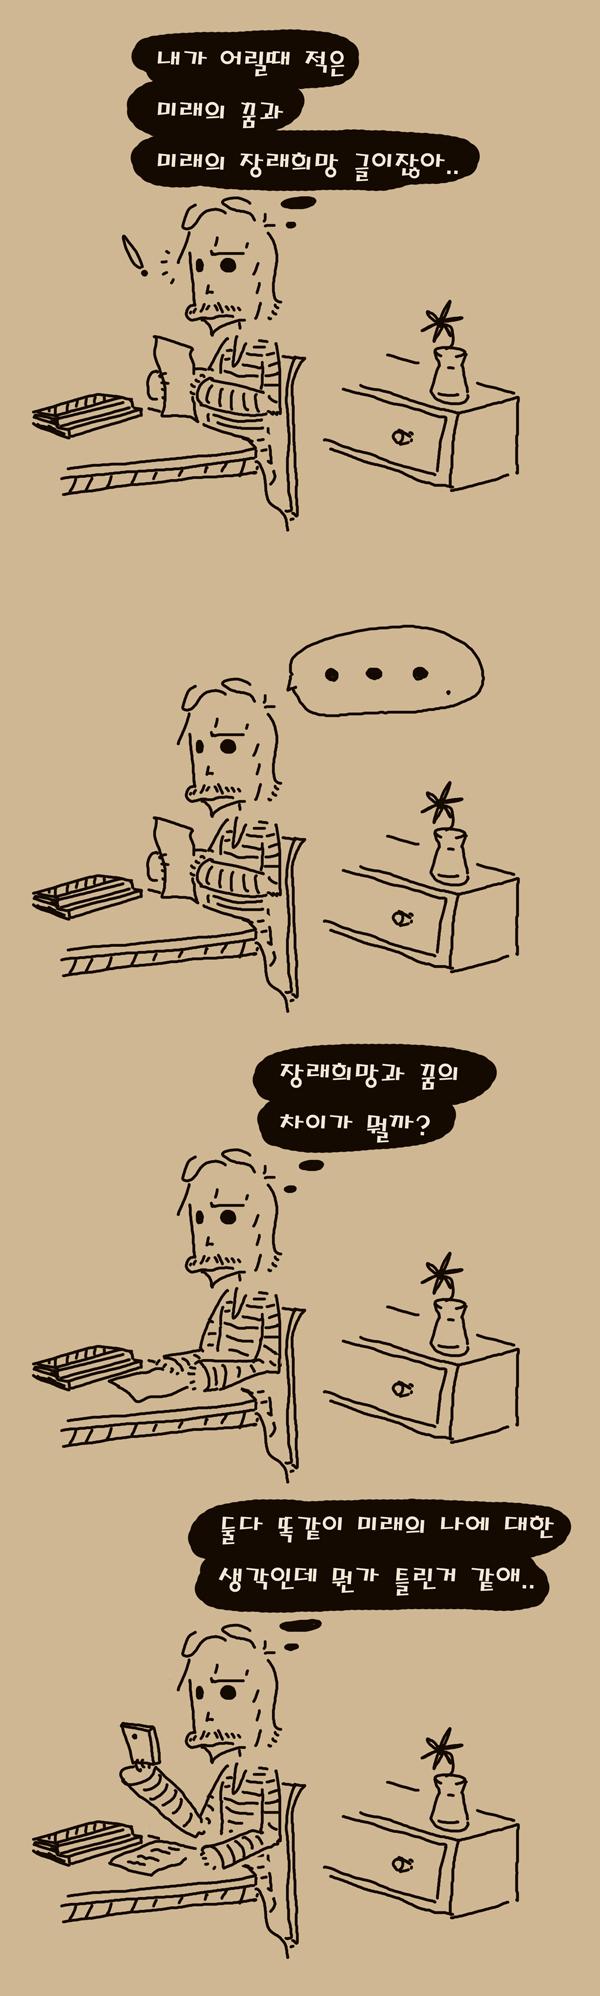 하루한장 249